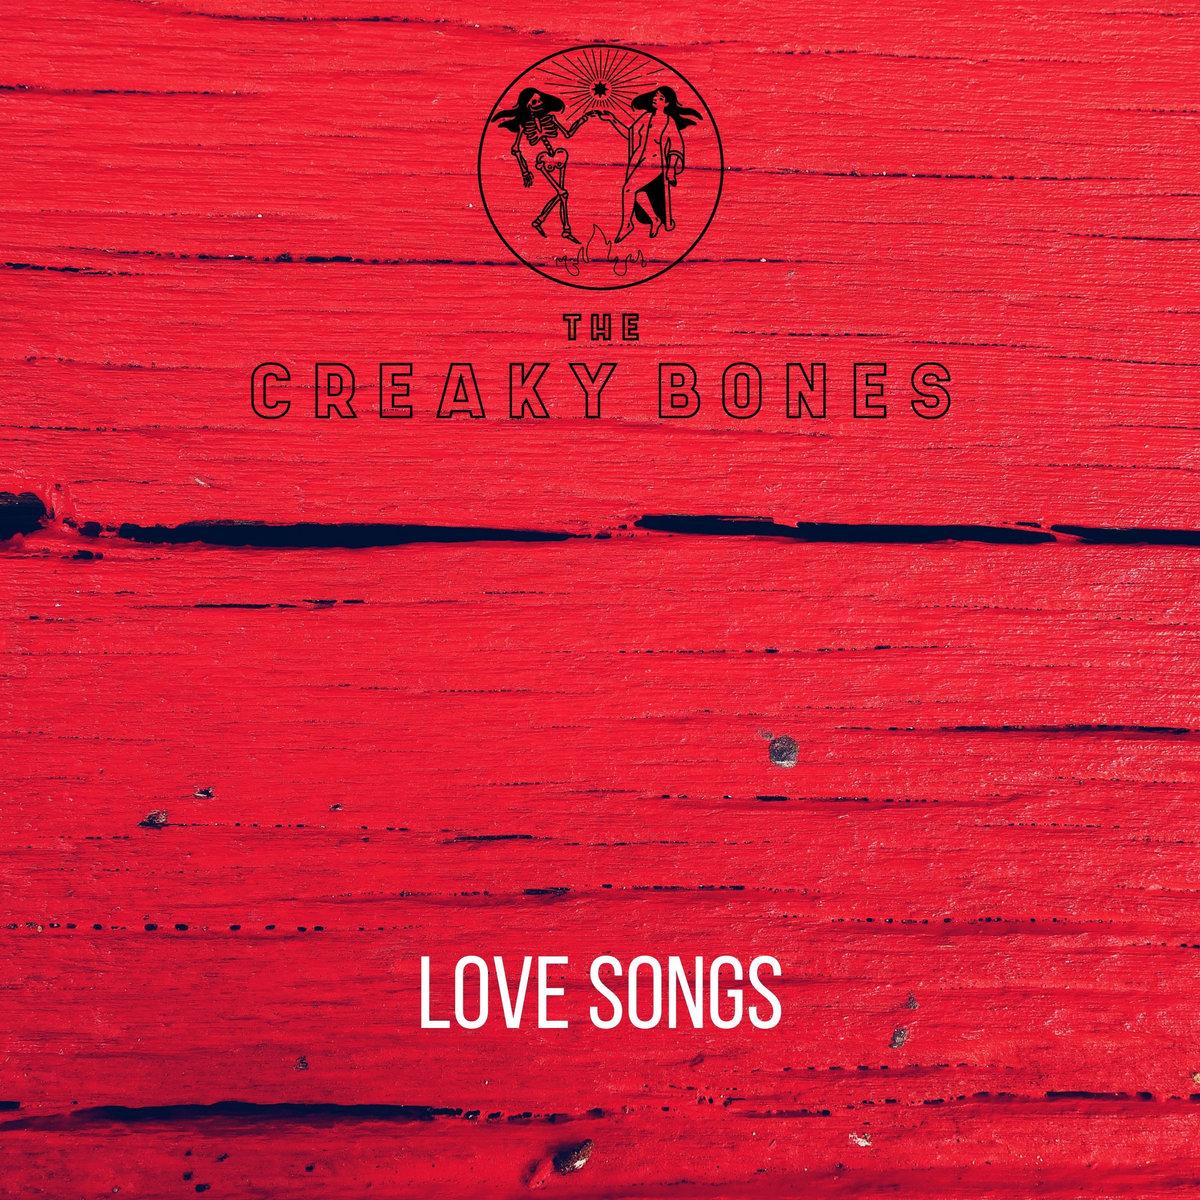 Love Songs by The Creaky Bones